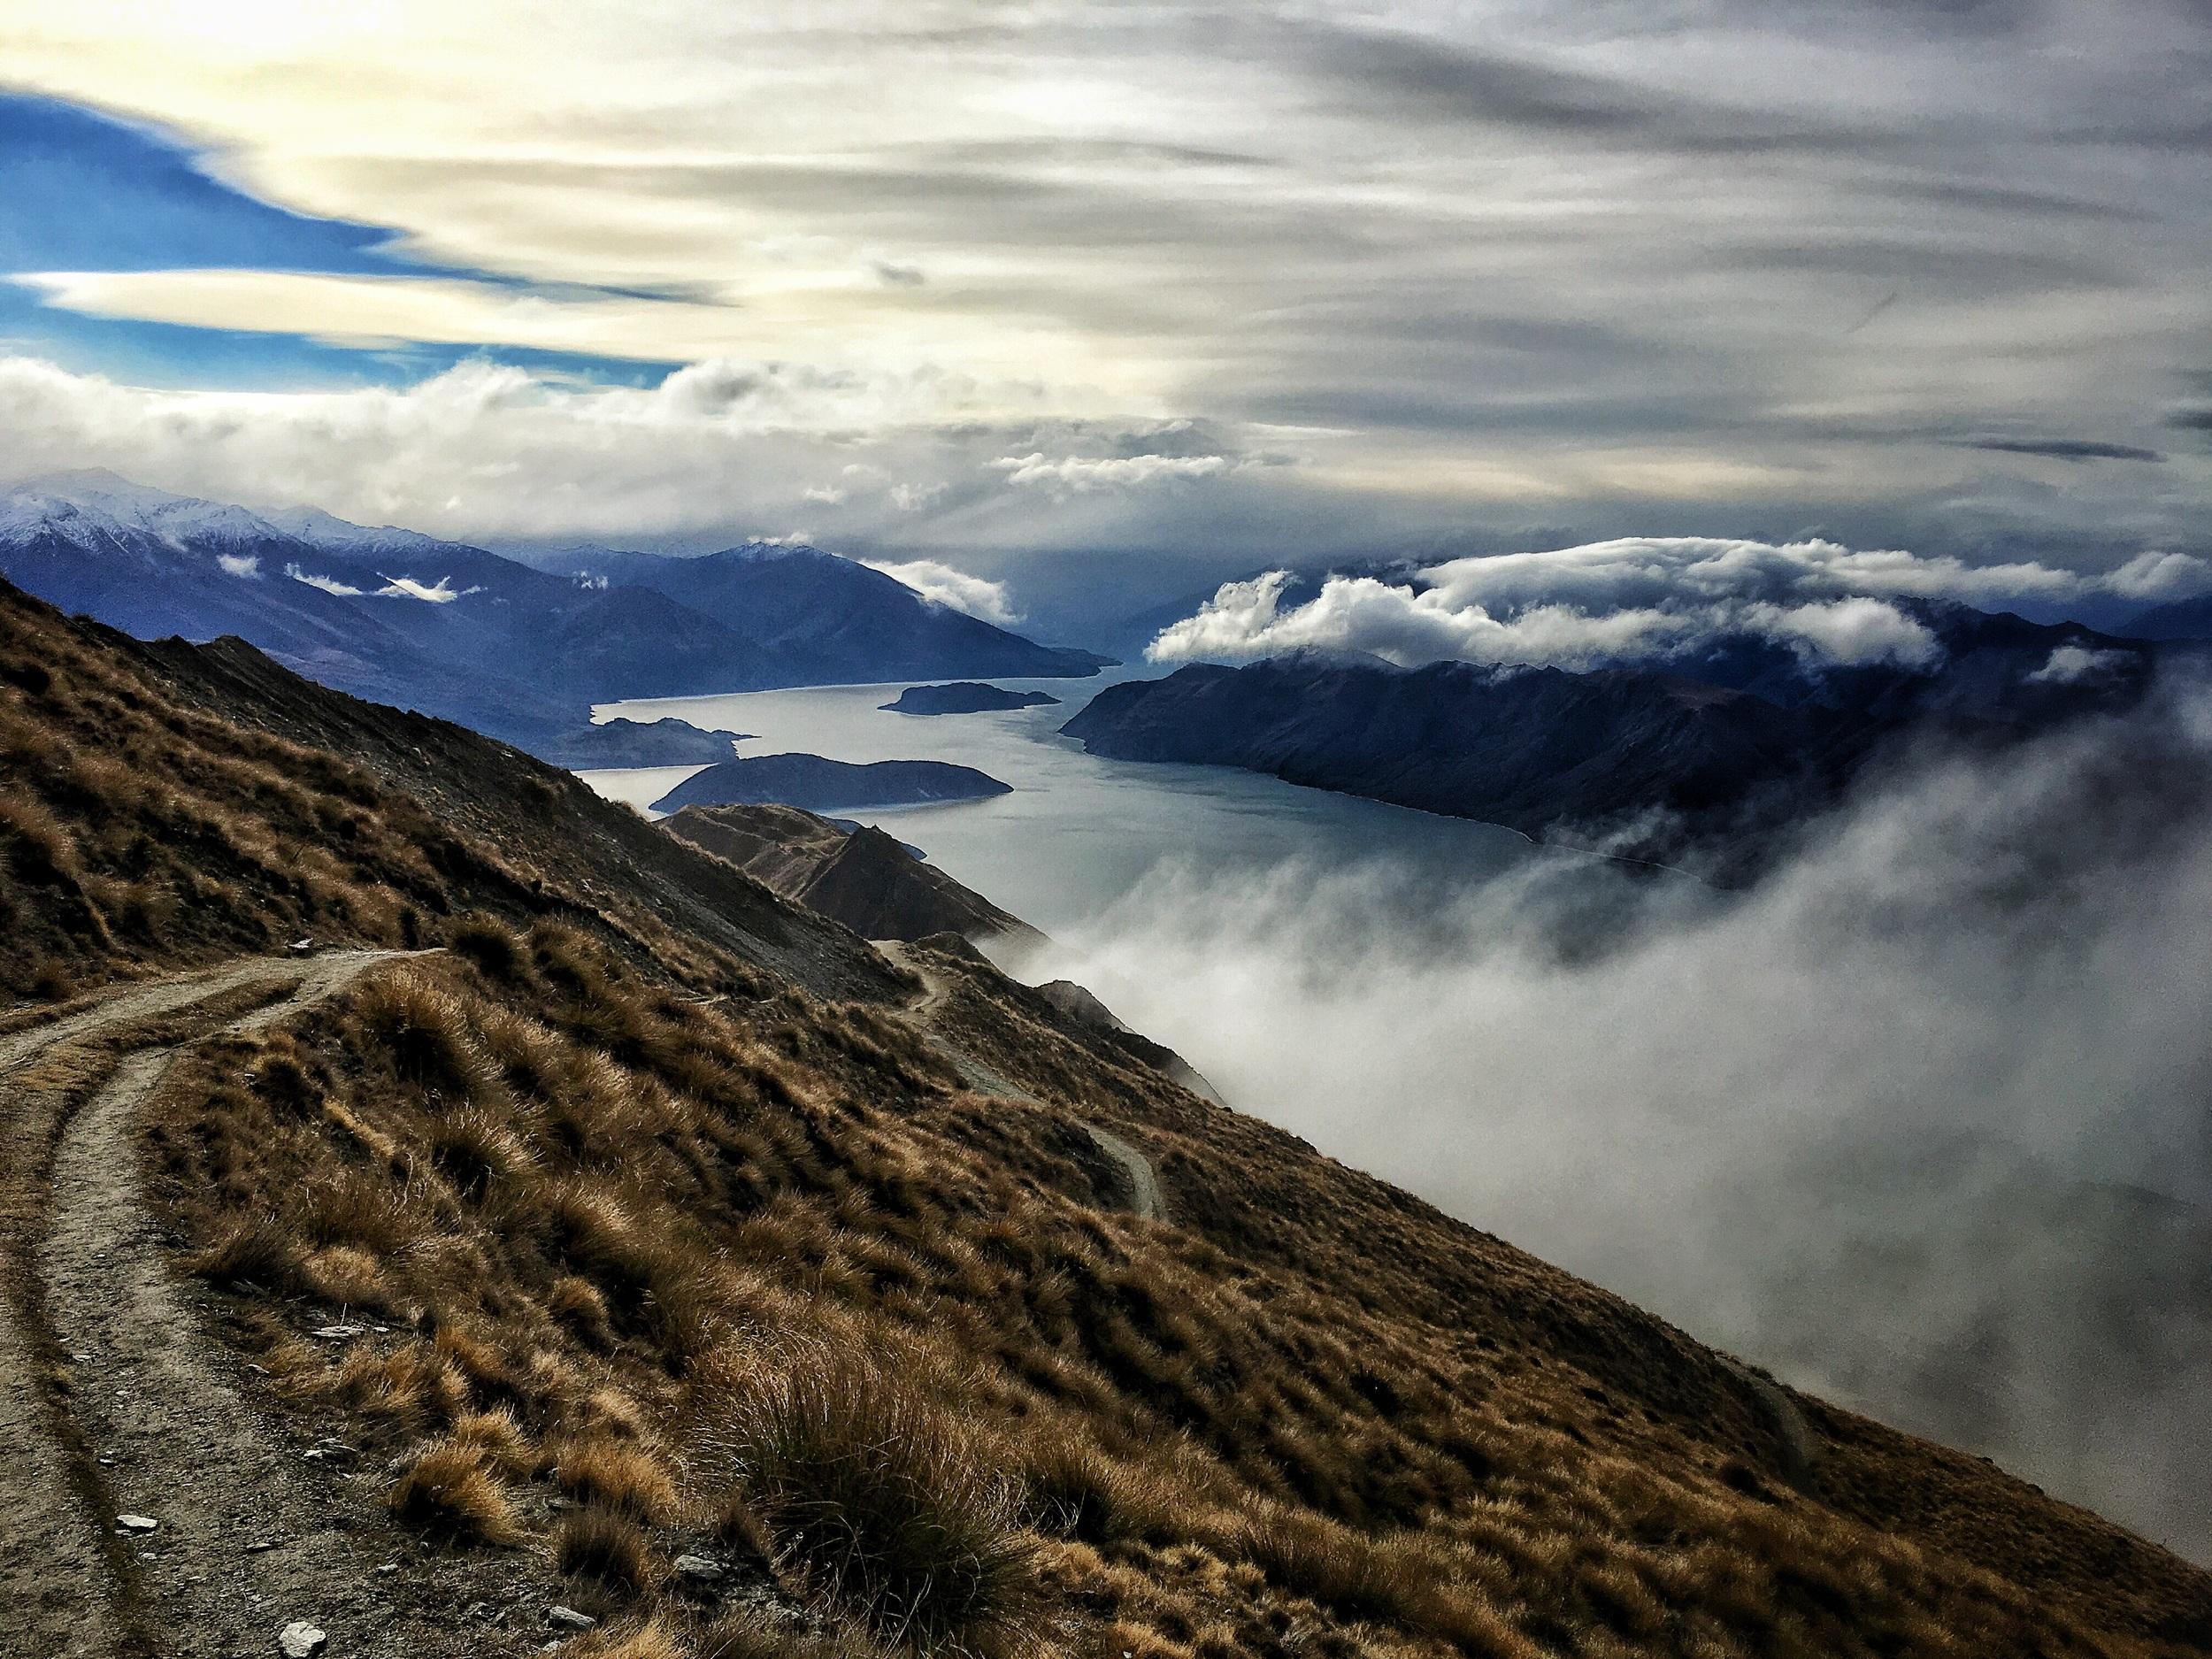 // View North over Lake Wanaka